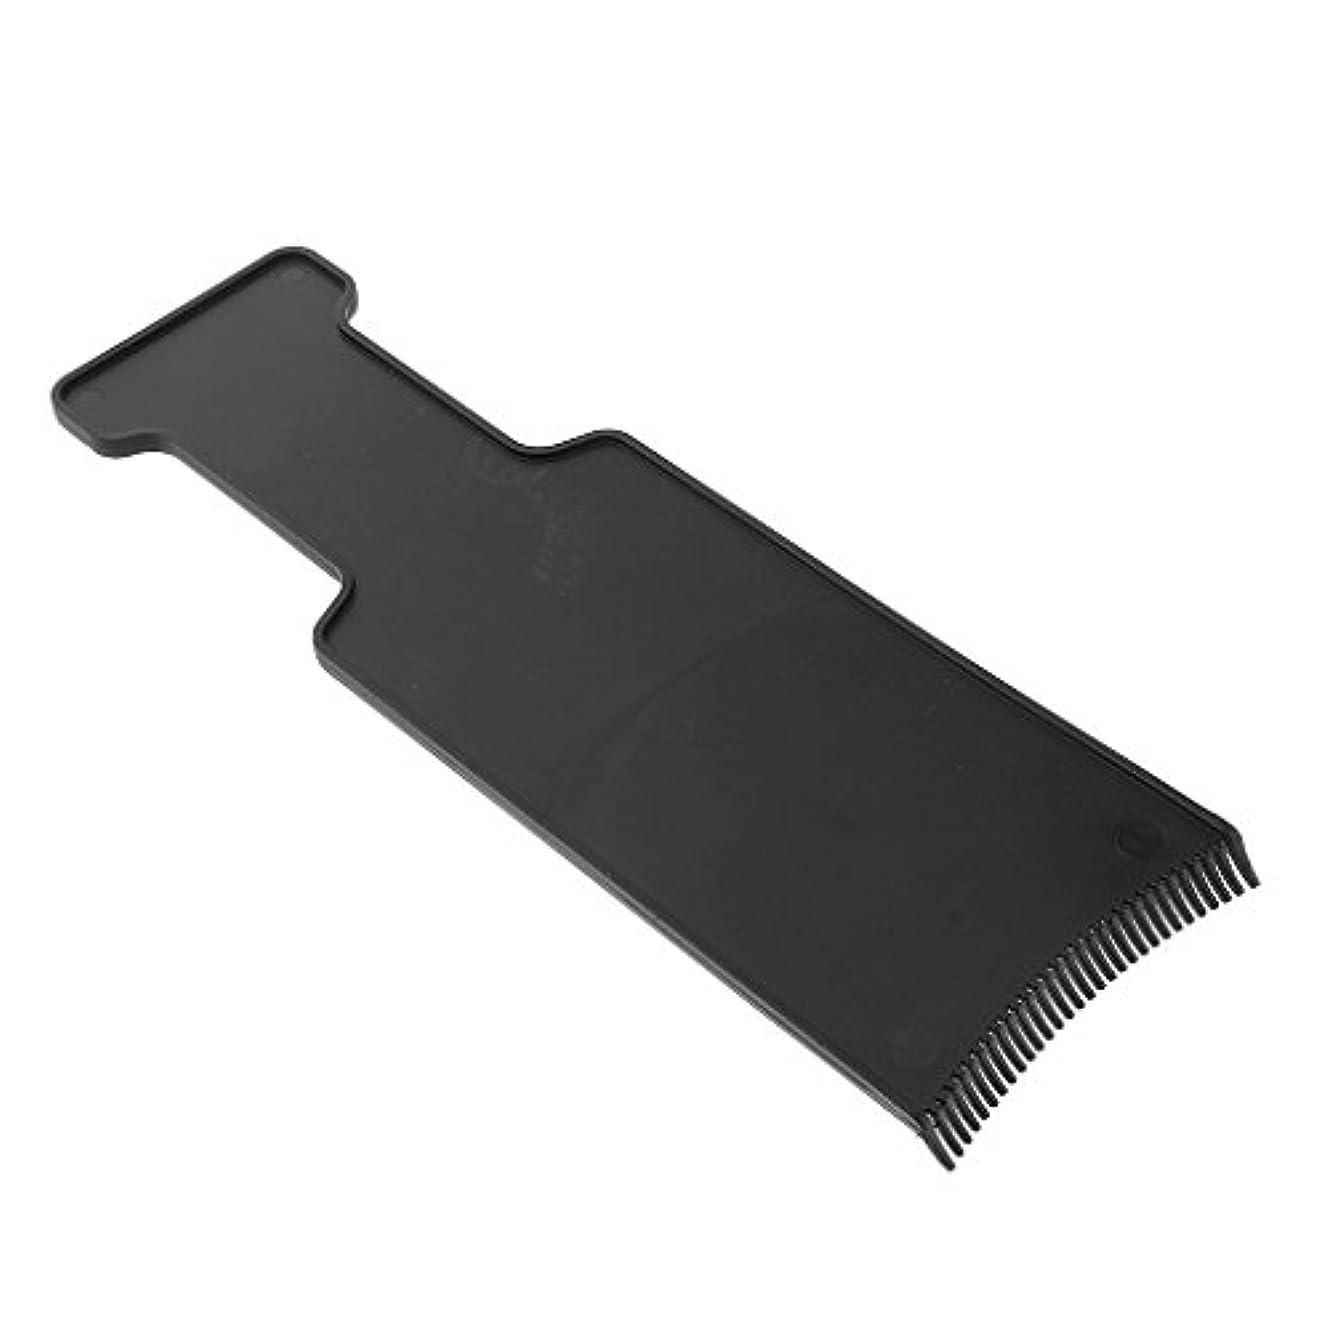 ハンディ取るに足らない電話をかけるサロン ヘアカラー ボード ヘアカラーティント 美容 ヘア ツール 髪 保護 ブラック 全4サイズ - M